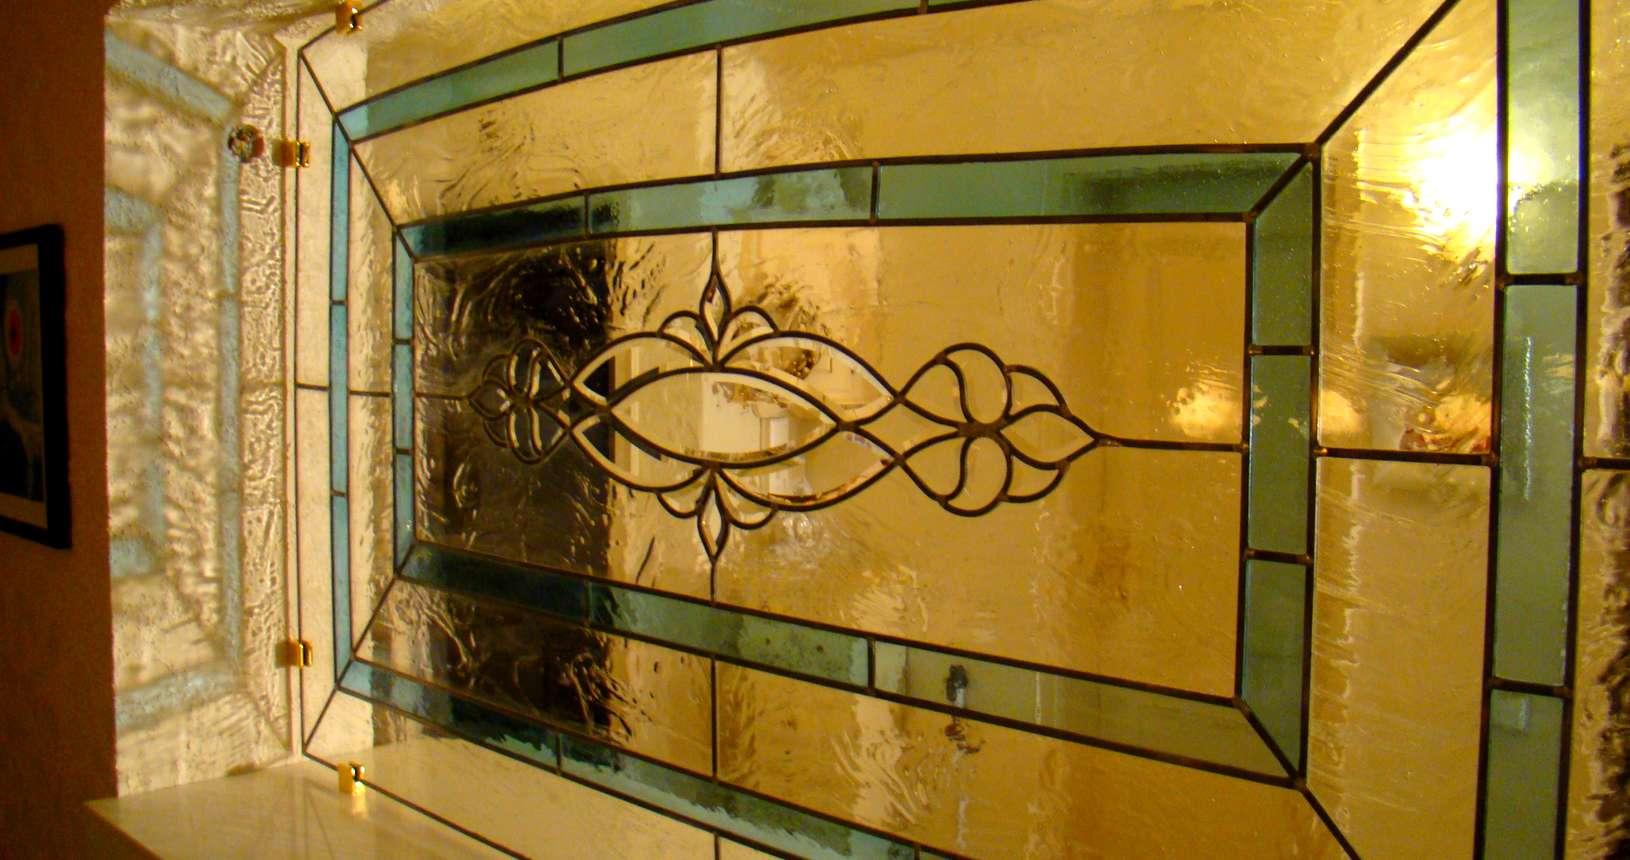 Bleiverglasung mit Facettenschliff - Glaserei Malte Pasche